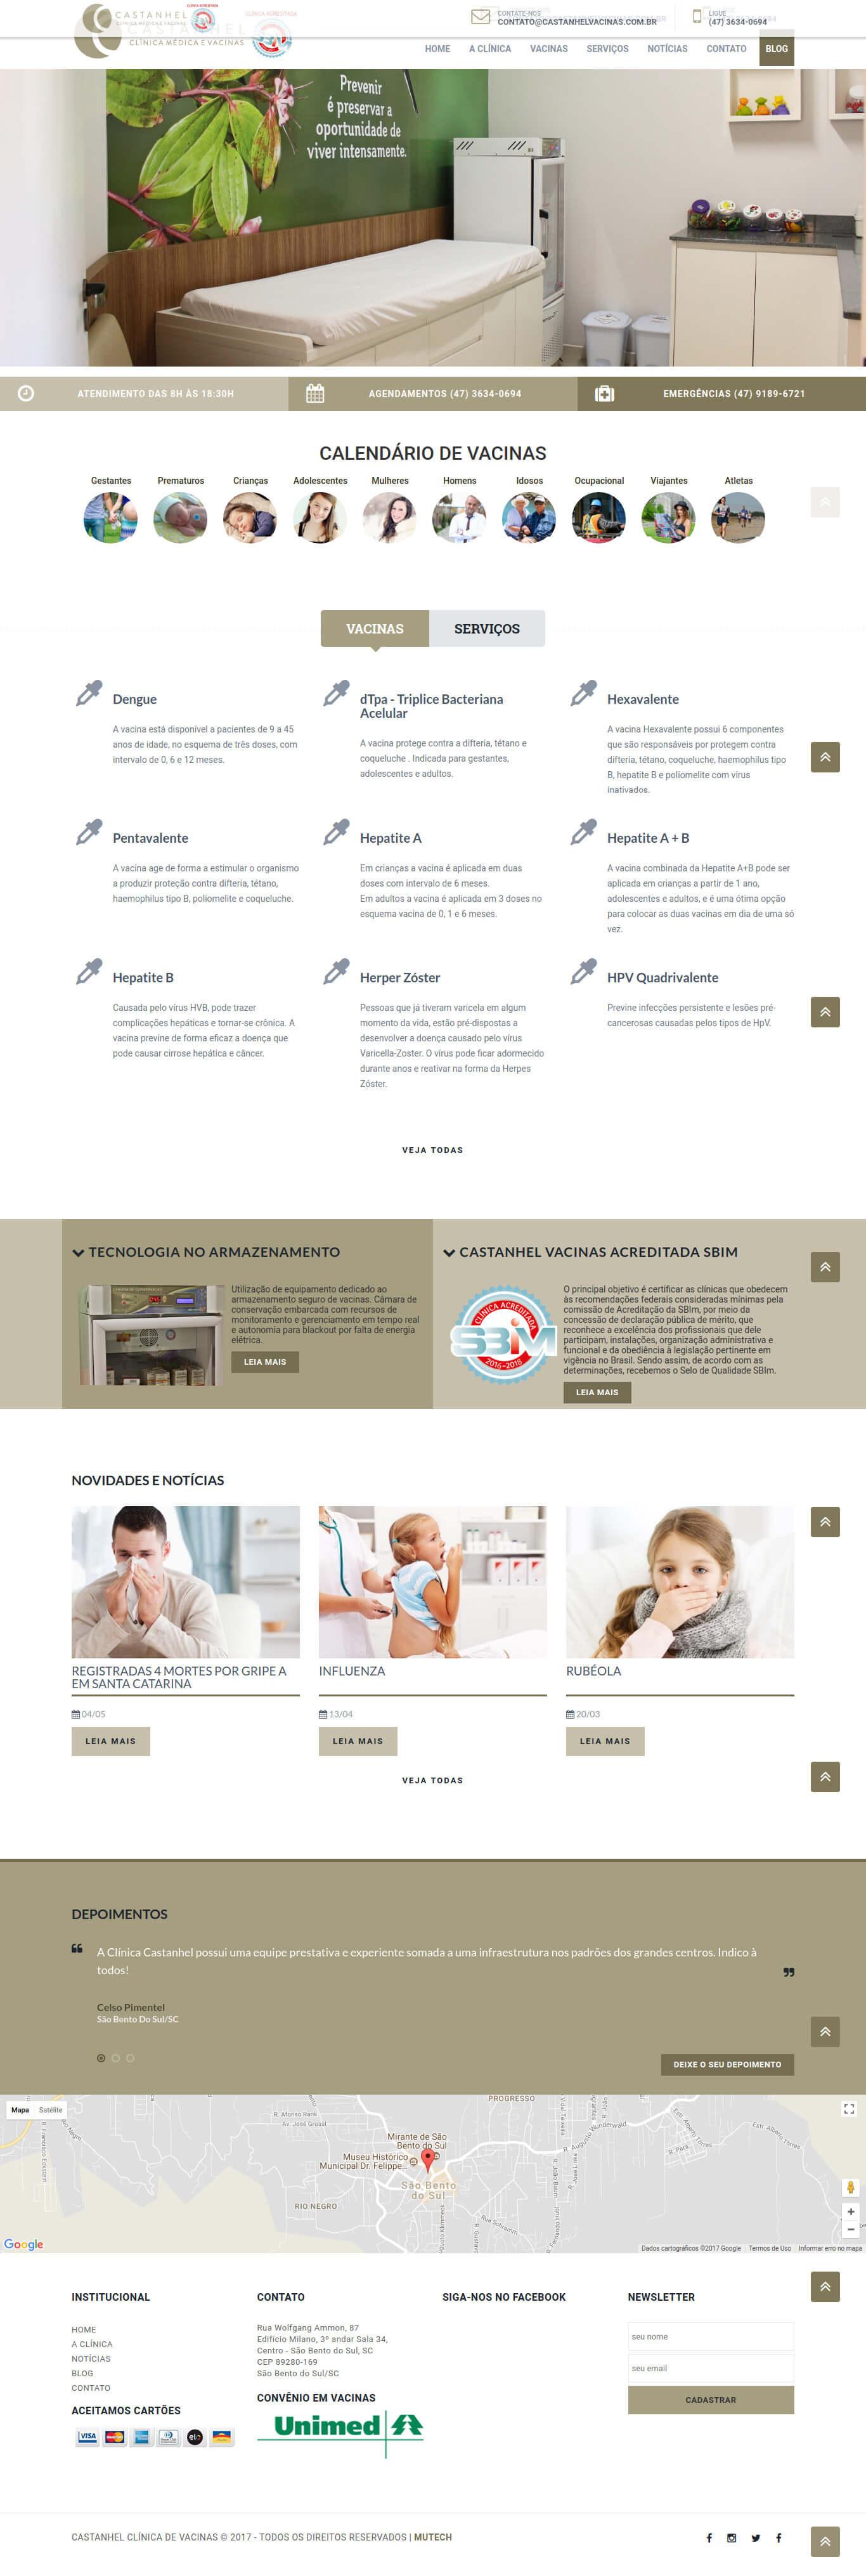 Website institucional da Clínica de Vacinas Castanhel, única Acreditada pela Sociedade Brasileira de Imunização do Planalto Norte Catarinense.